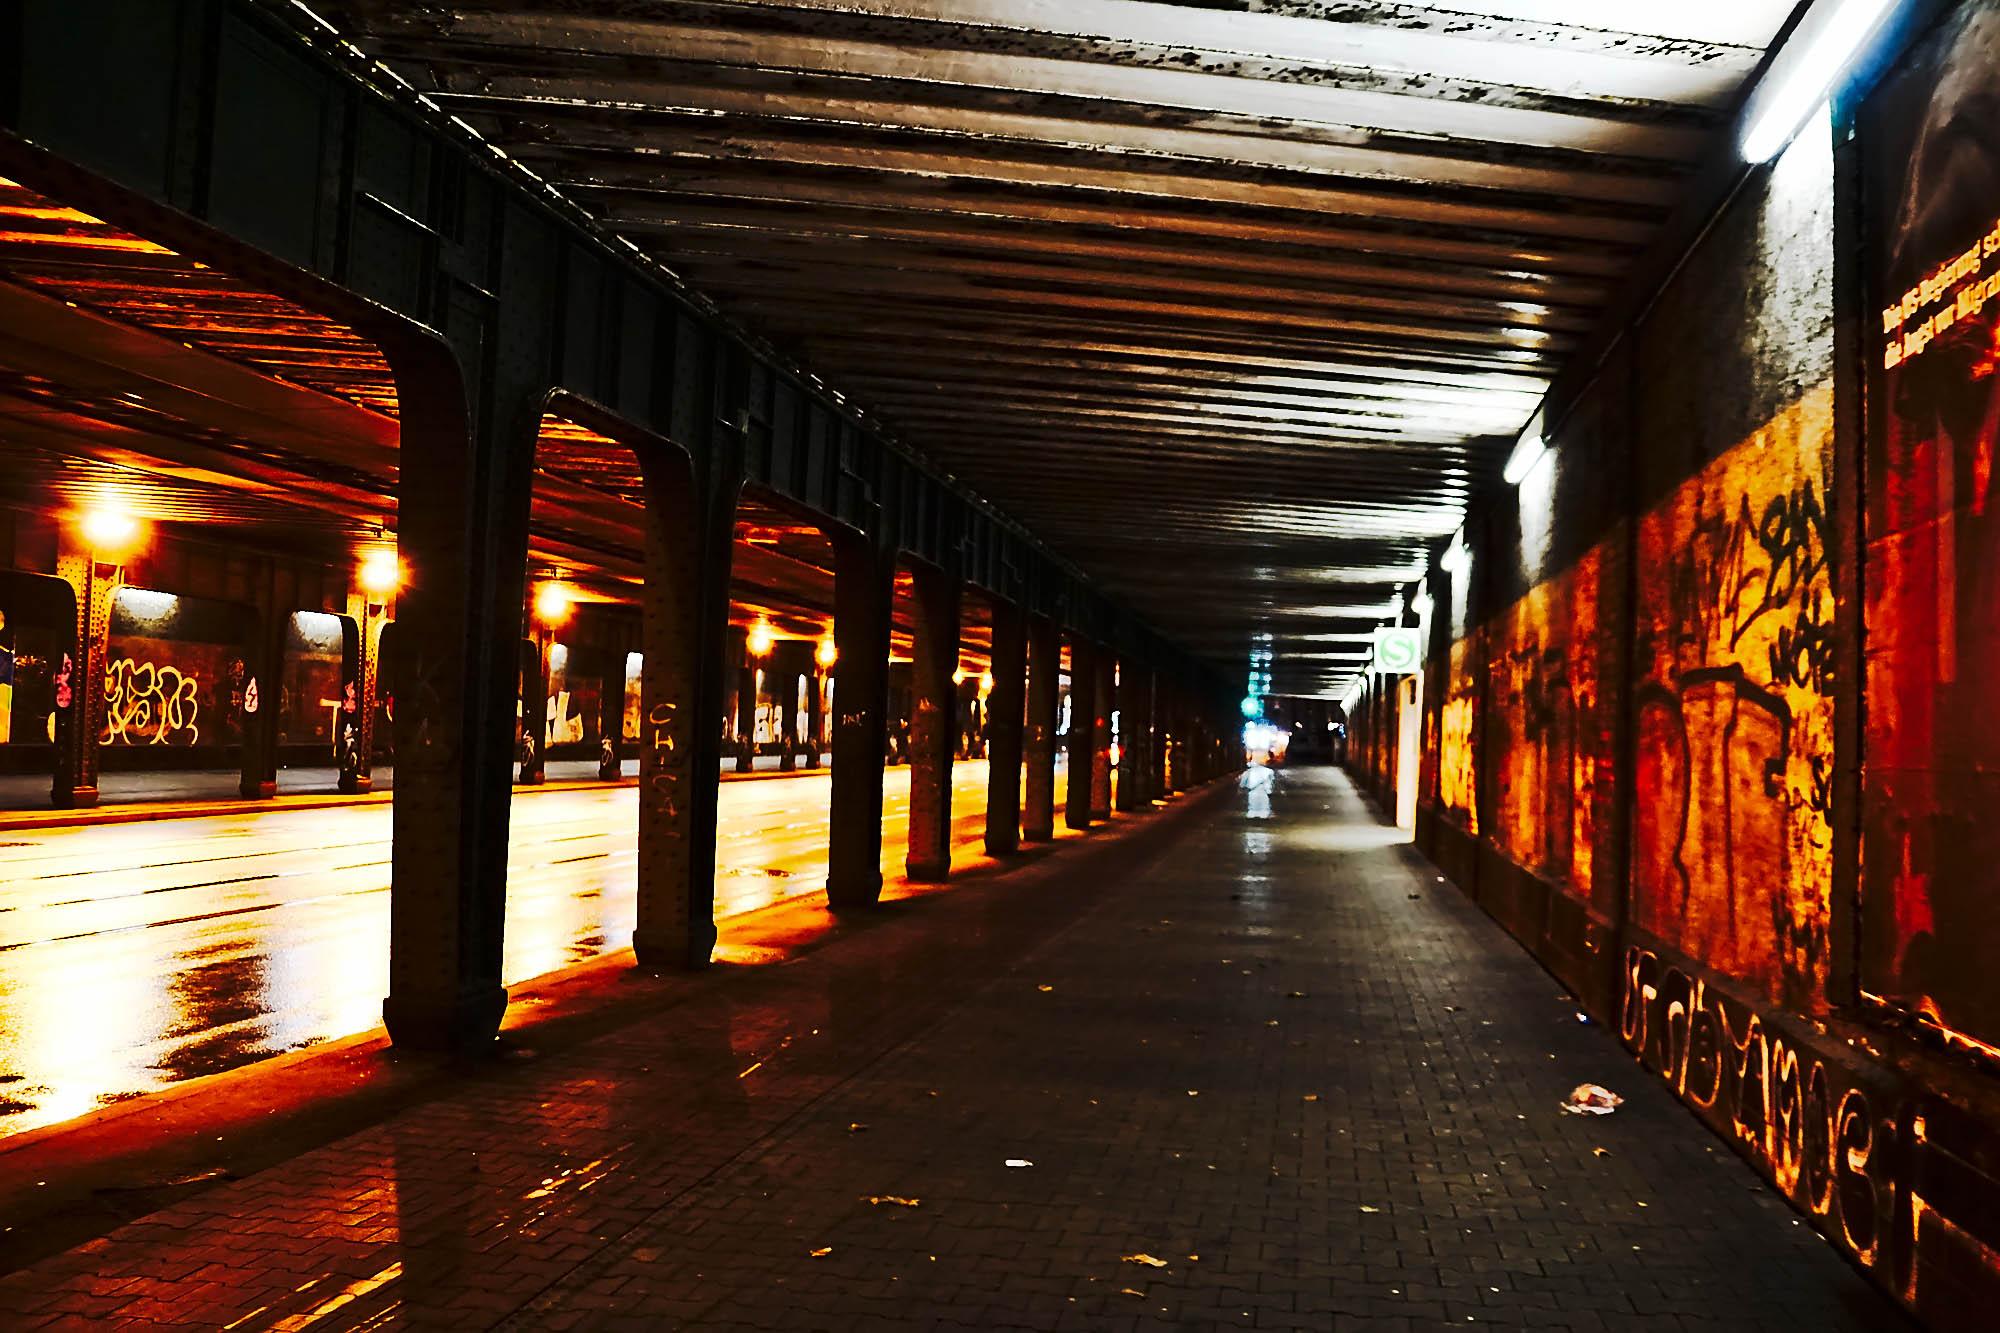 Licht im Tunnel